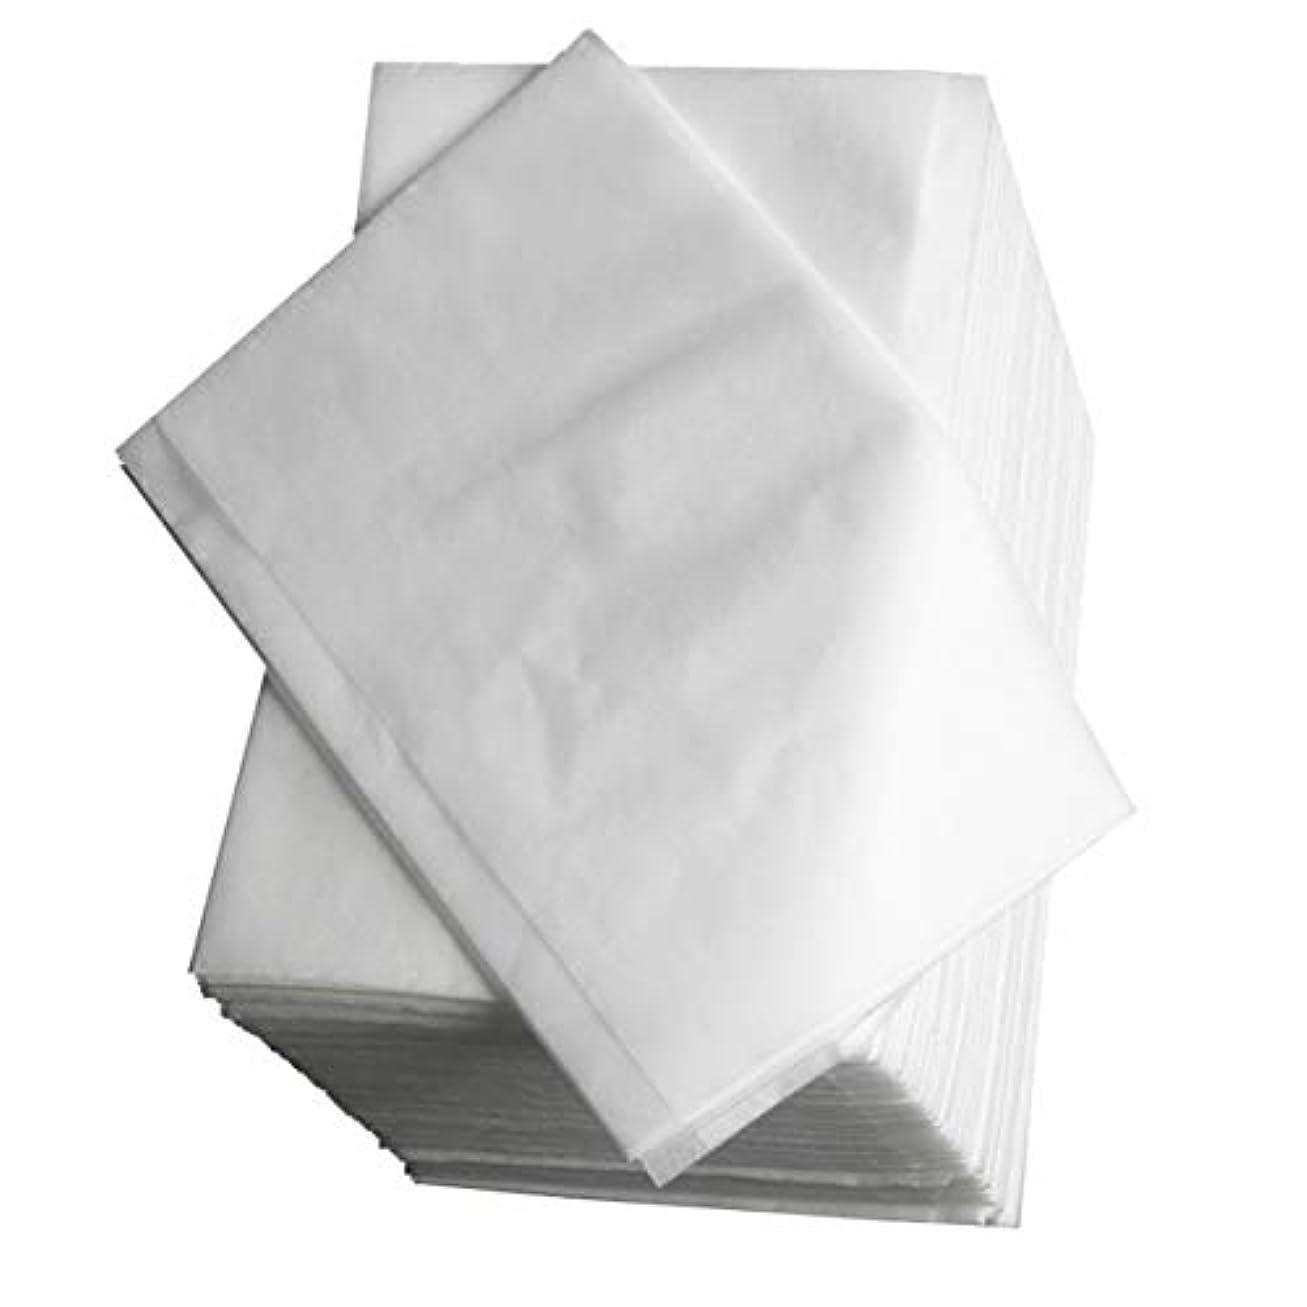 疑い者スティック裂け目Disposable Bed Linen Beauty Salon Massage Travel Medical Non-woven Mattress Breathable Antibacterial Anti-infective